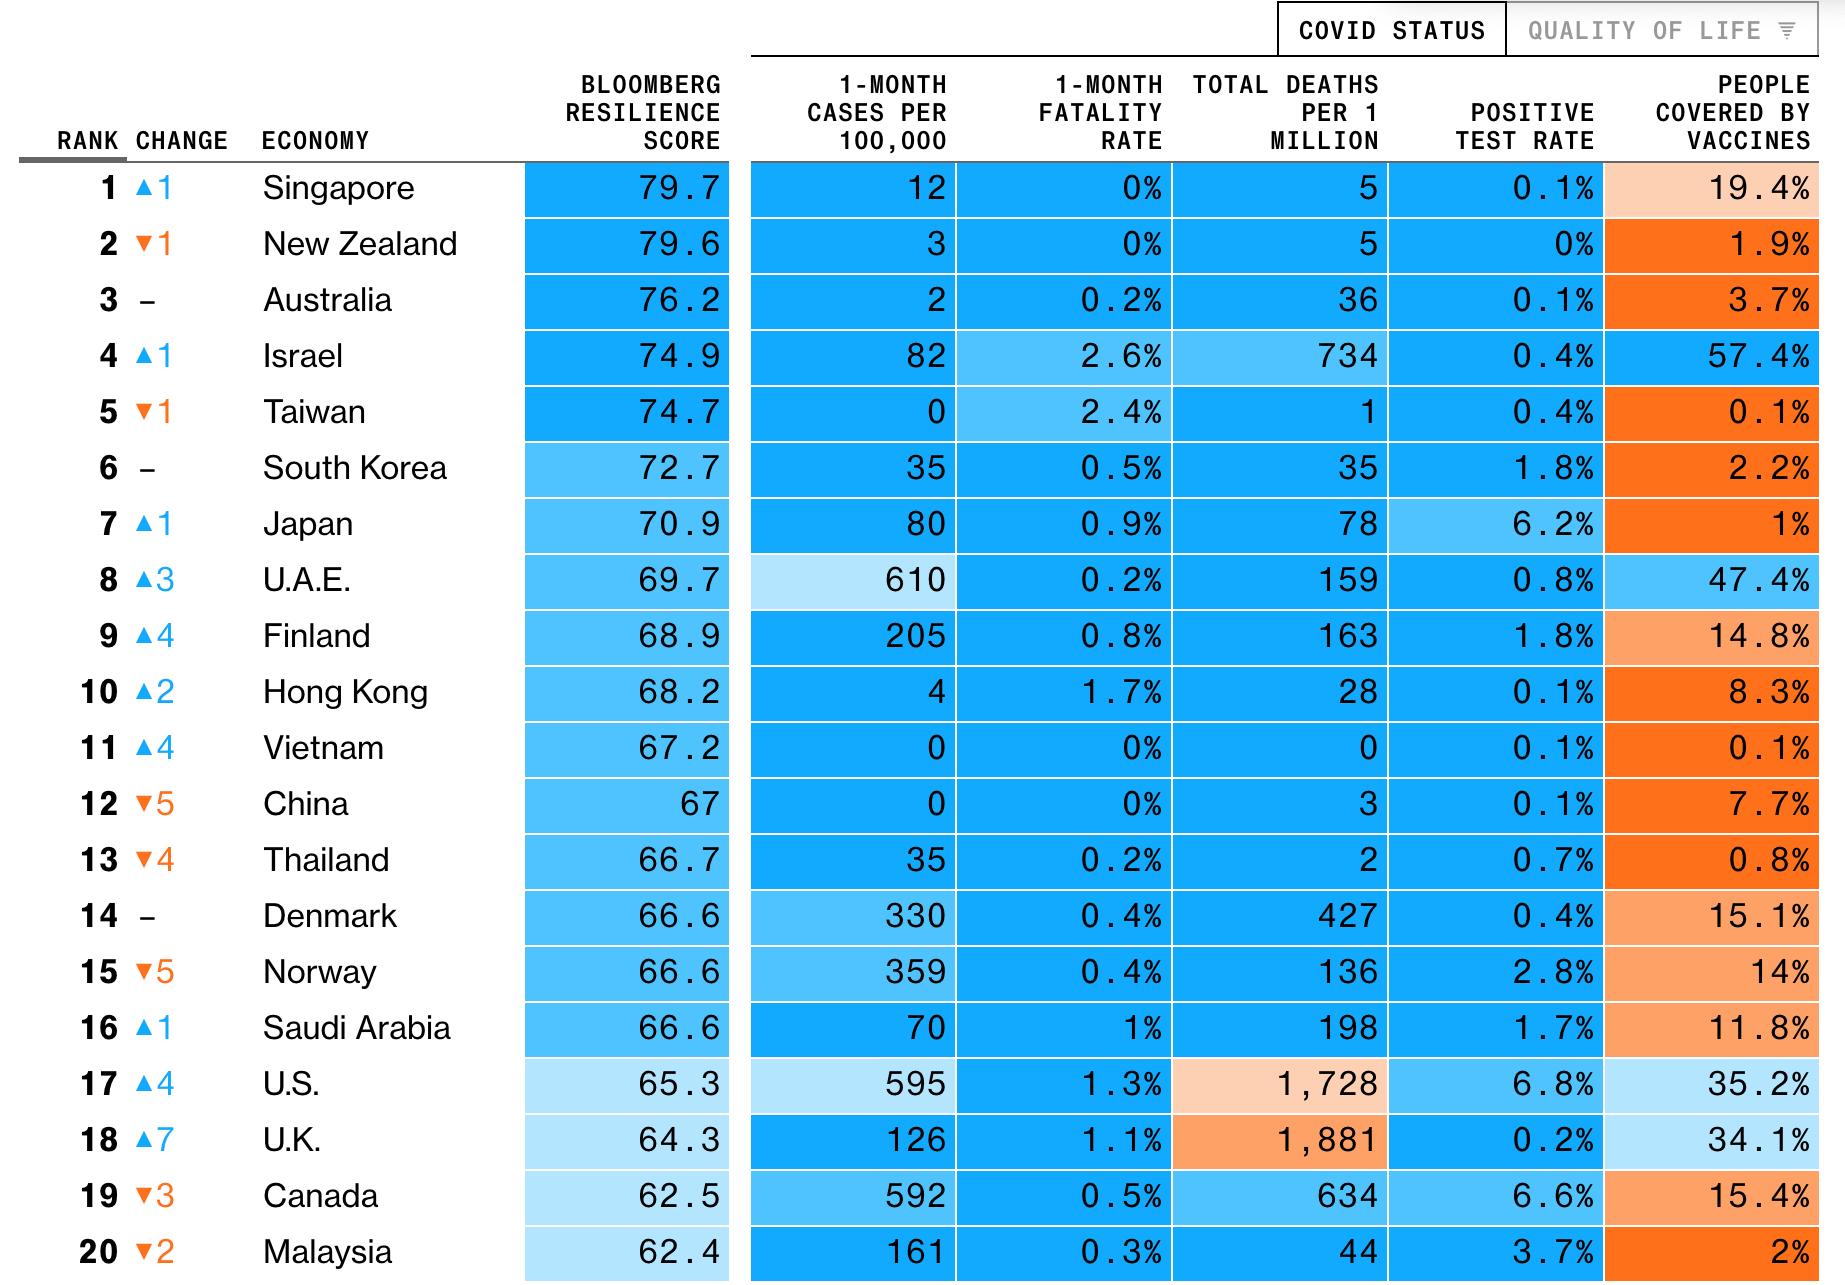 Bloomberg обнародовал рейтинг самых стойких стран к COVID-19